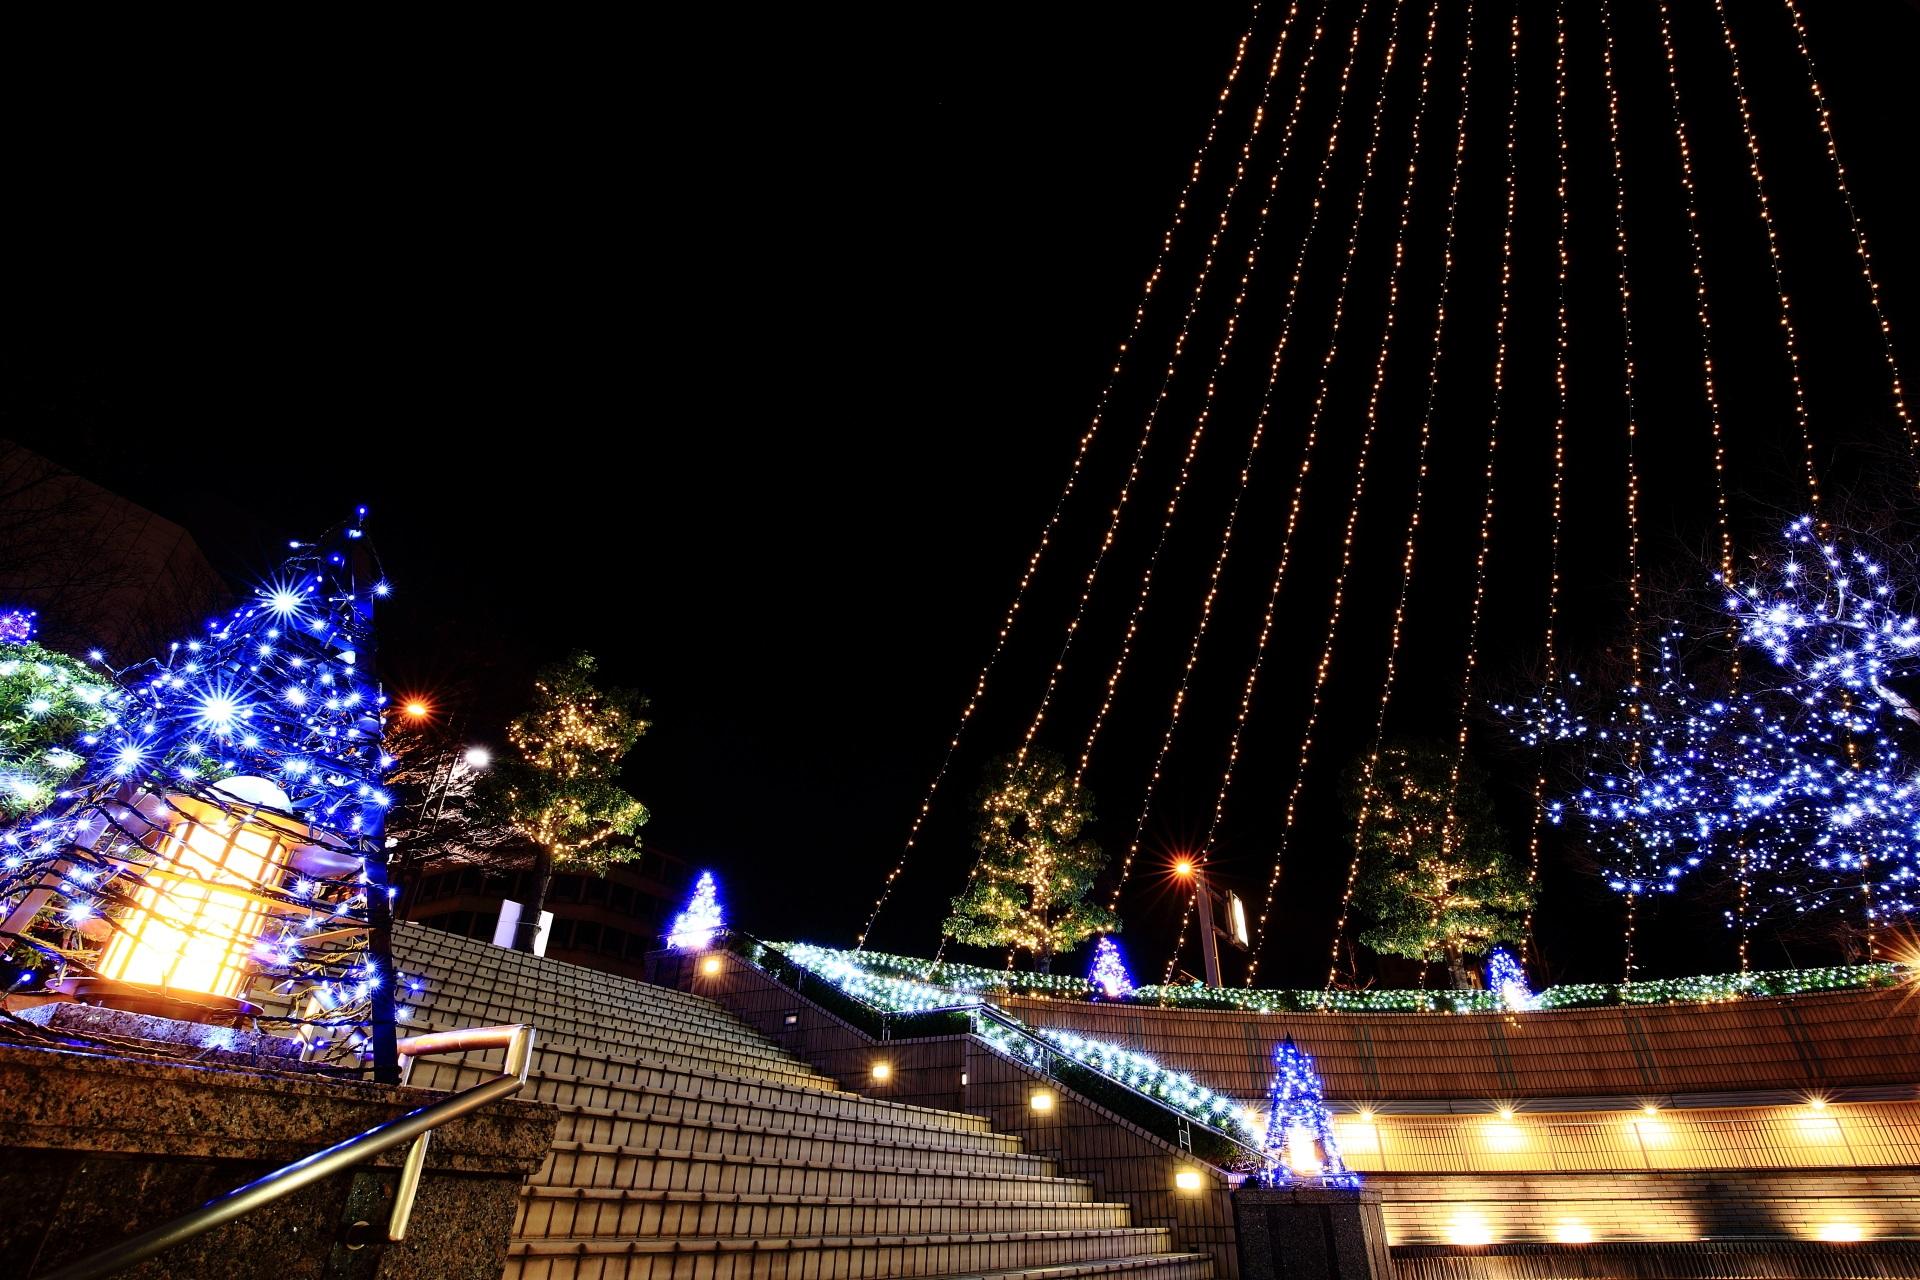 高画質 京都ホテルオークラ イルミネーション 写真